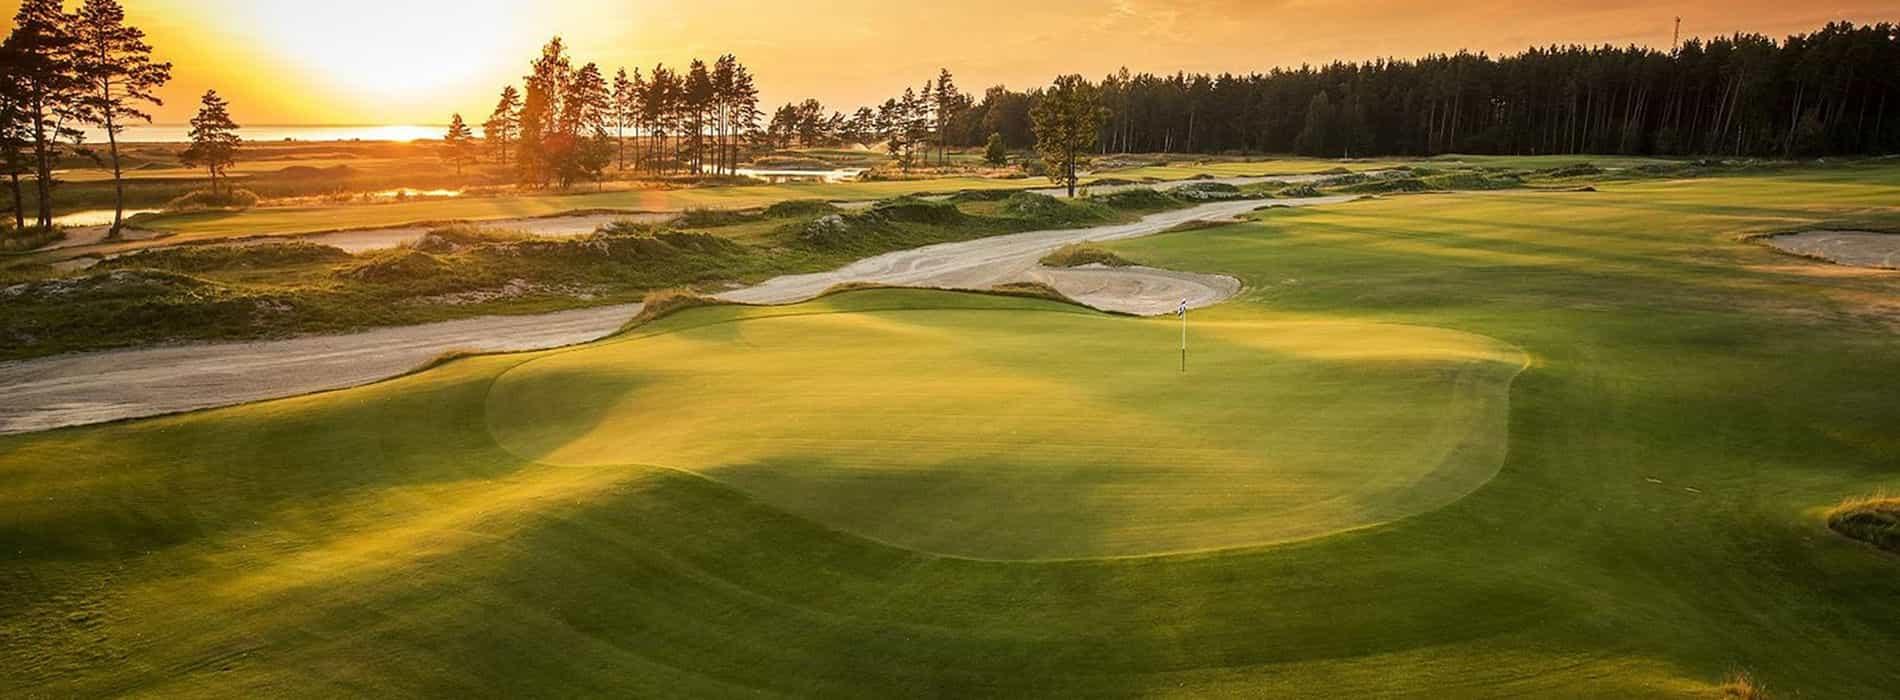 Oärnu Bay Golf Links